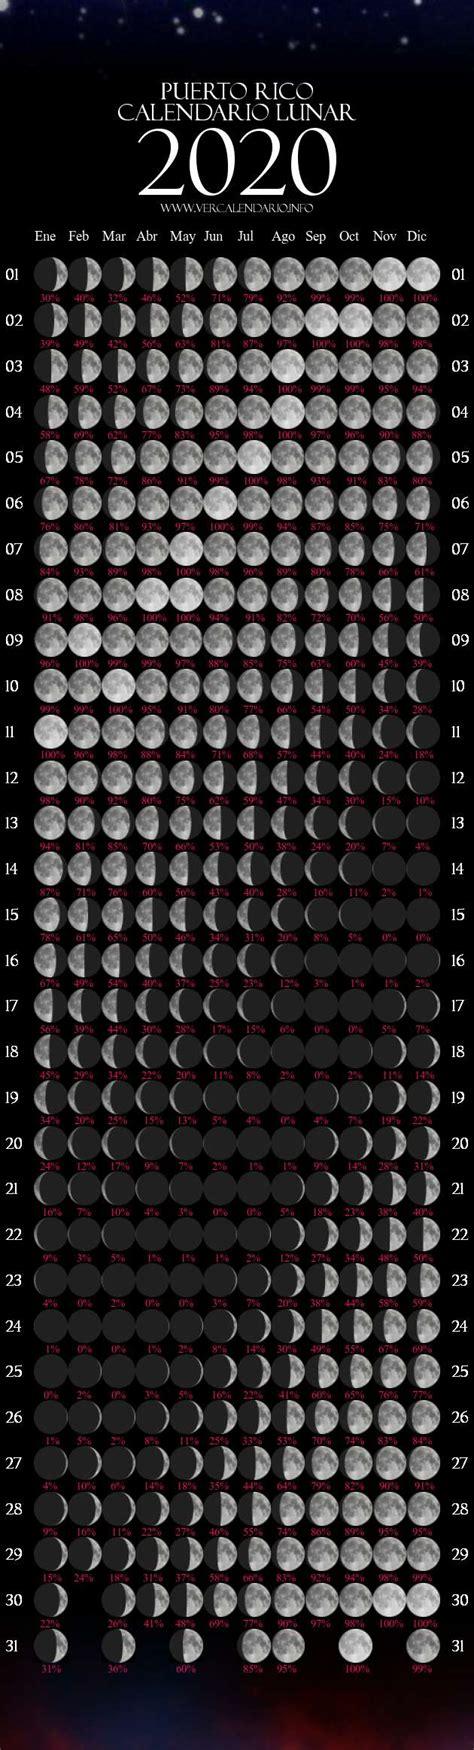 calendario lunar  puerto rico